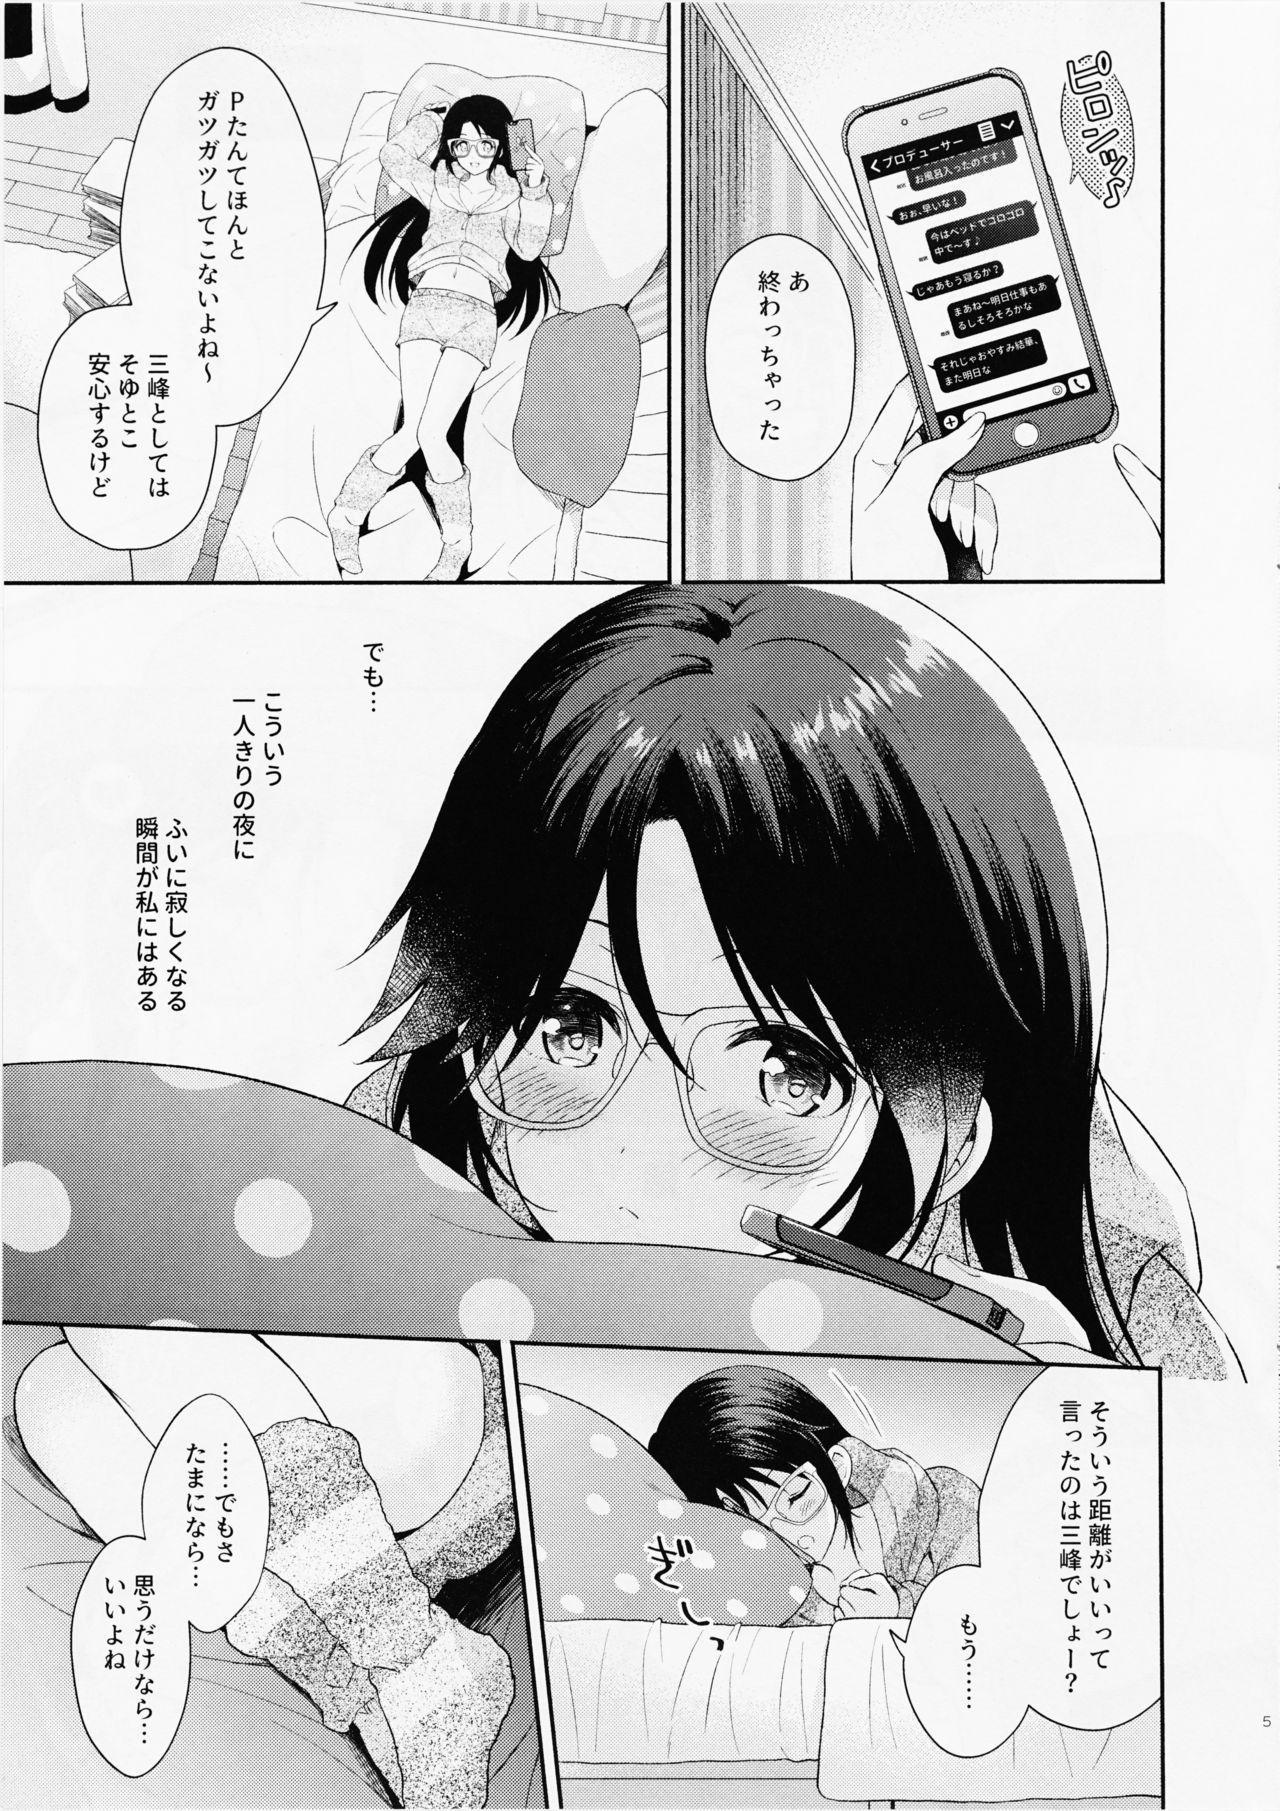 Mitsumine daydream 4